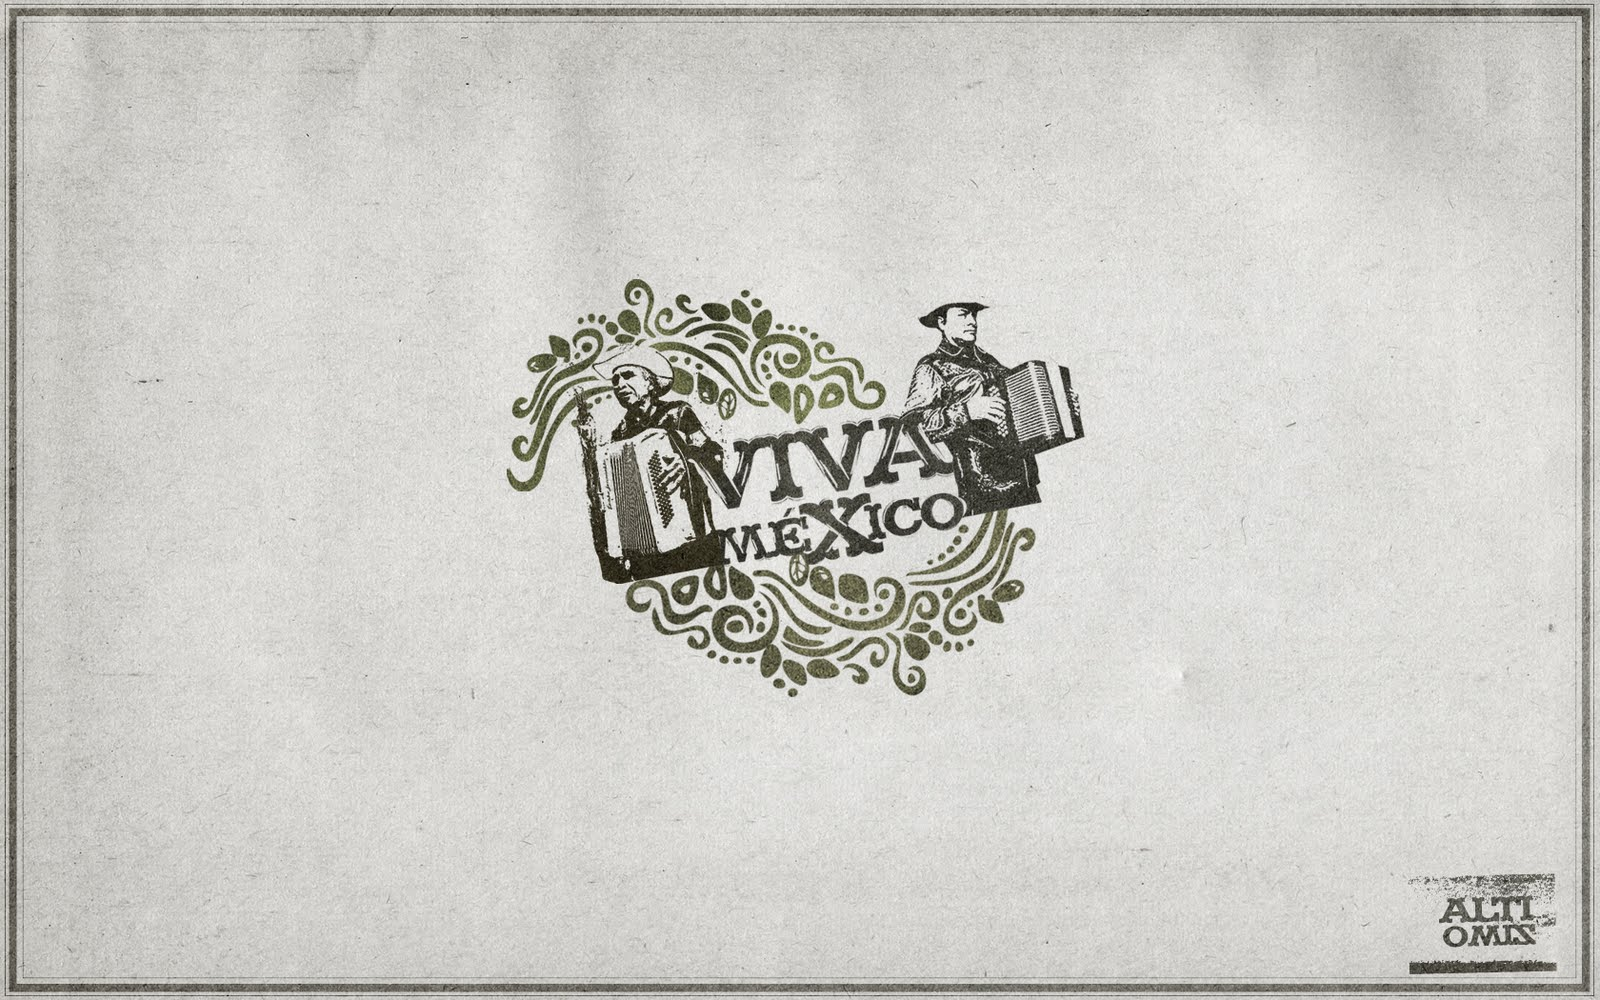 Viva mexico wallpaper hd for Wallpaper viva home